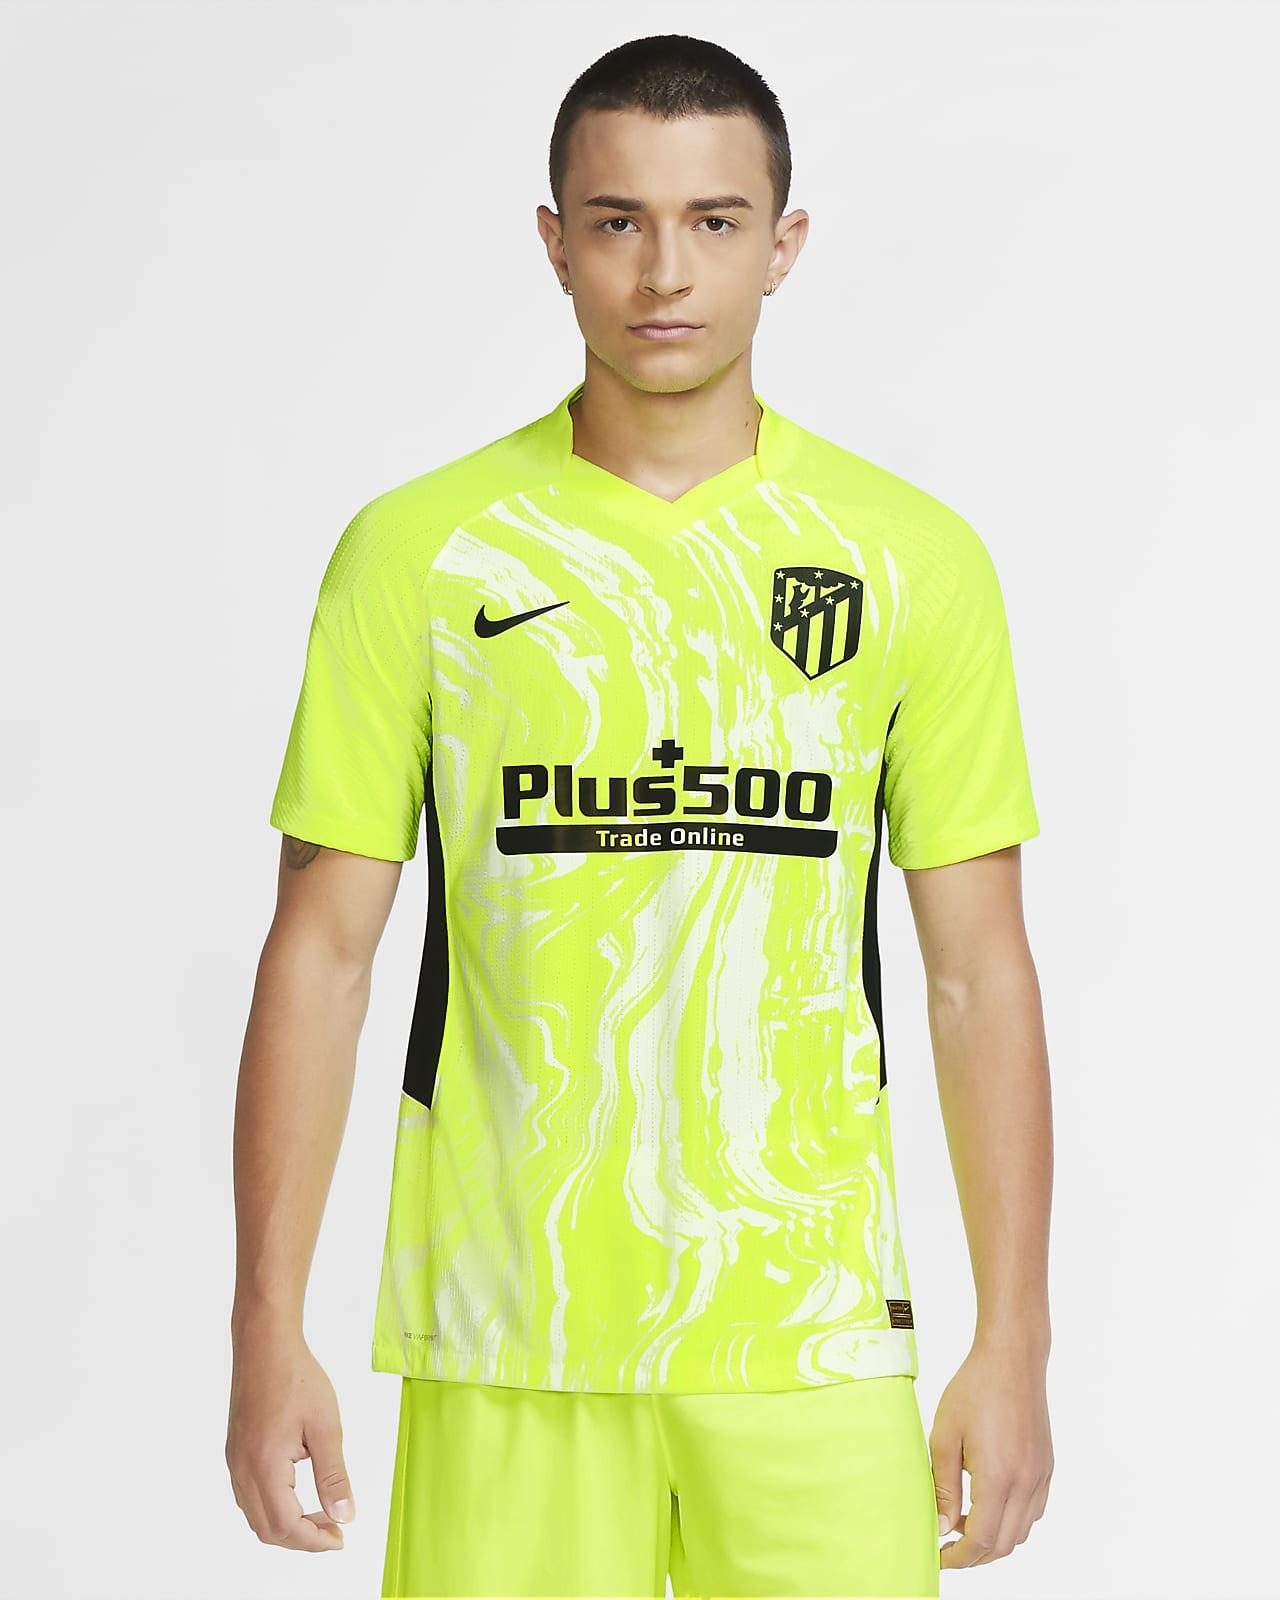 Tercera equipación Vapor Match Atlético de Madrid 2020/21 Camiseta de fútbol - Hombre